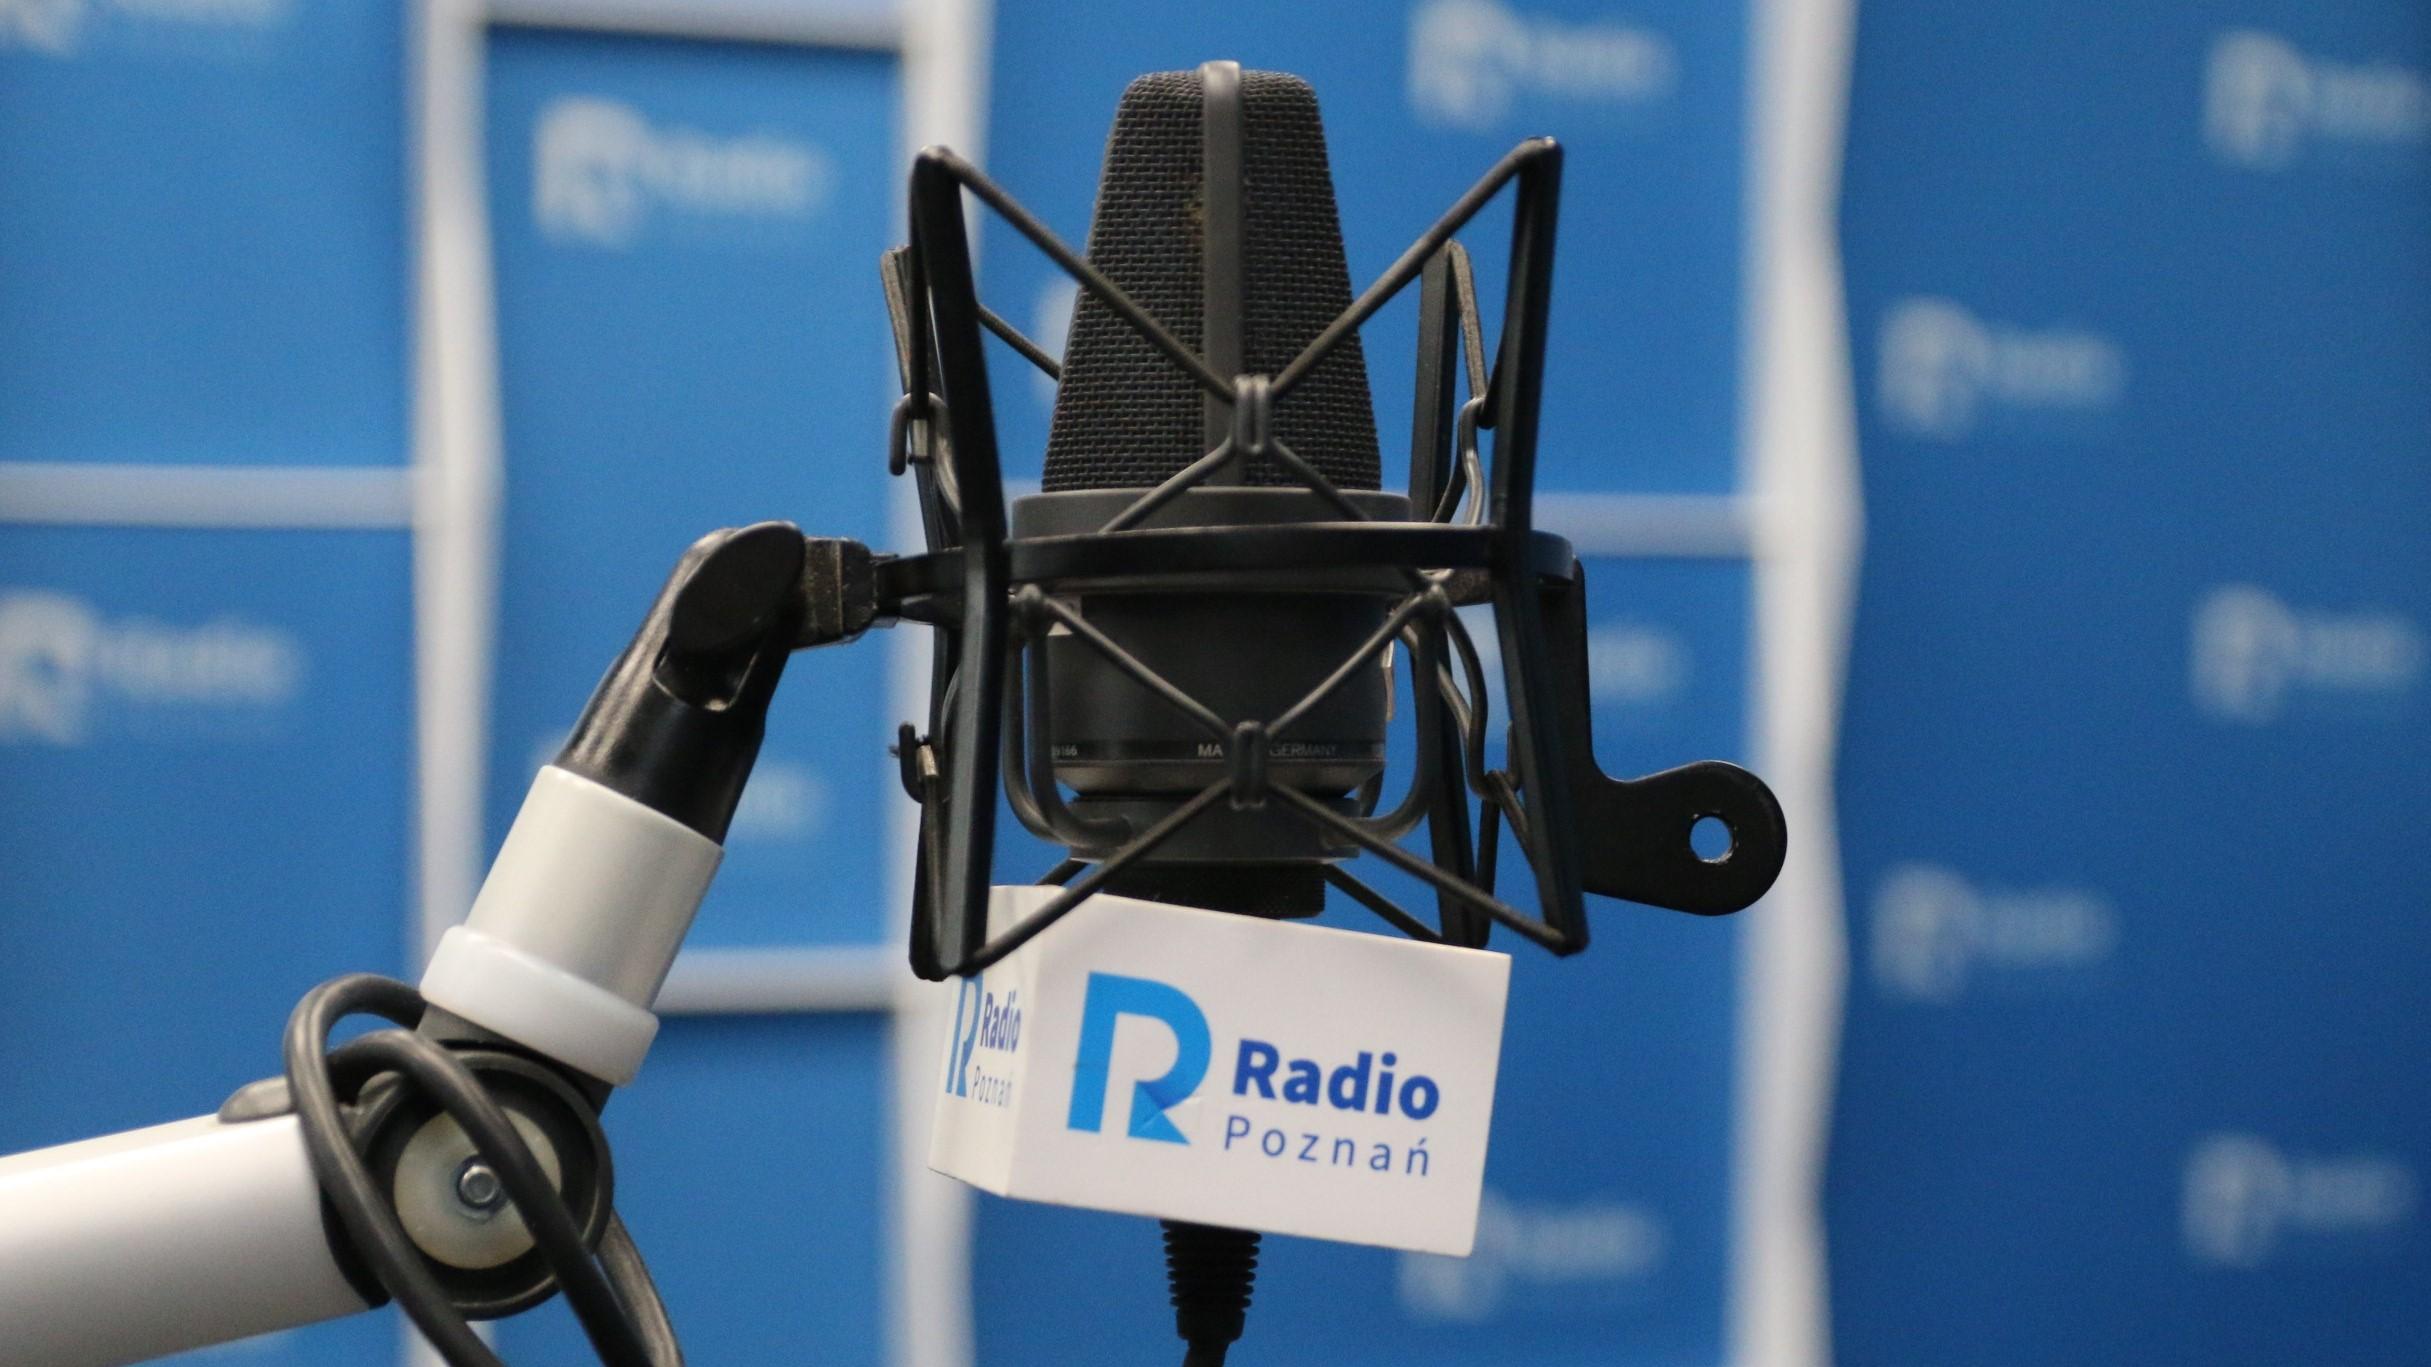 radio poznań mikrofon - Kacper Witt